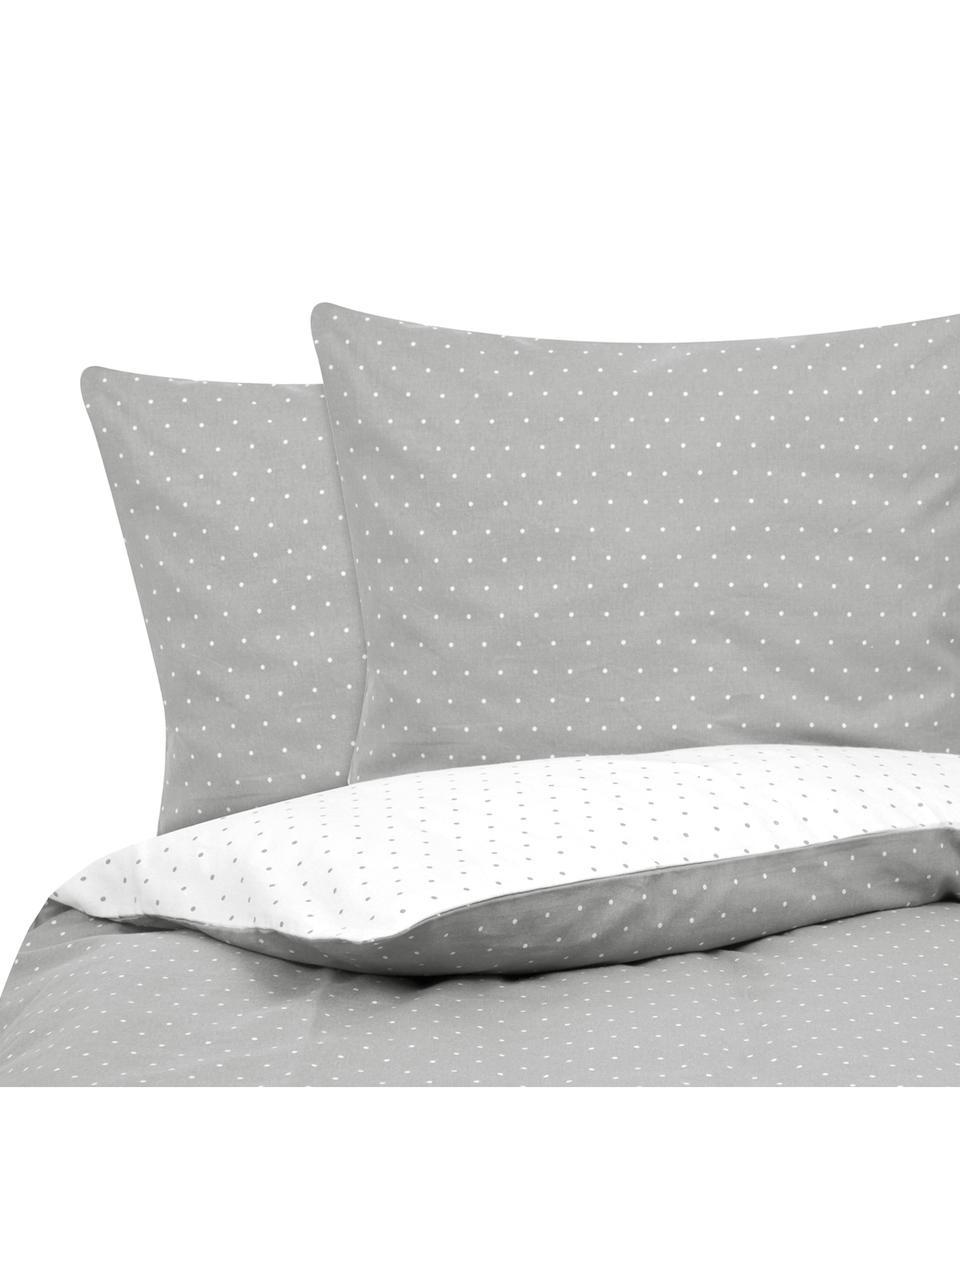 Flanell-Wendebettwäsche Betty, gepunktet, Webart: Flanell Flanell ist ein k, Grau, Weiß, 135 x 200 cm + 1 Kissen 80 x 80 cm